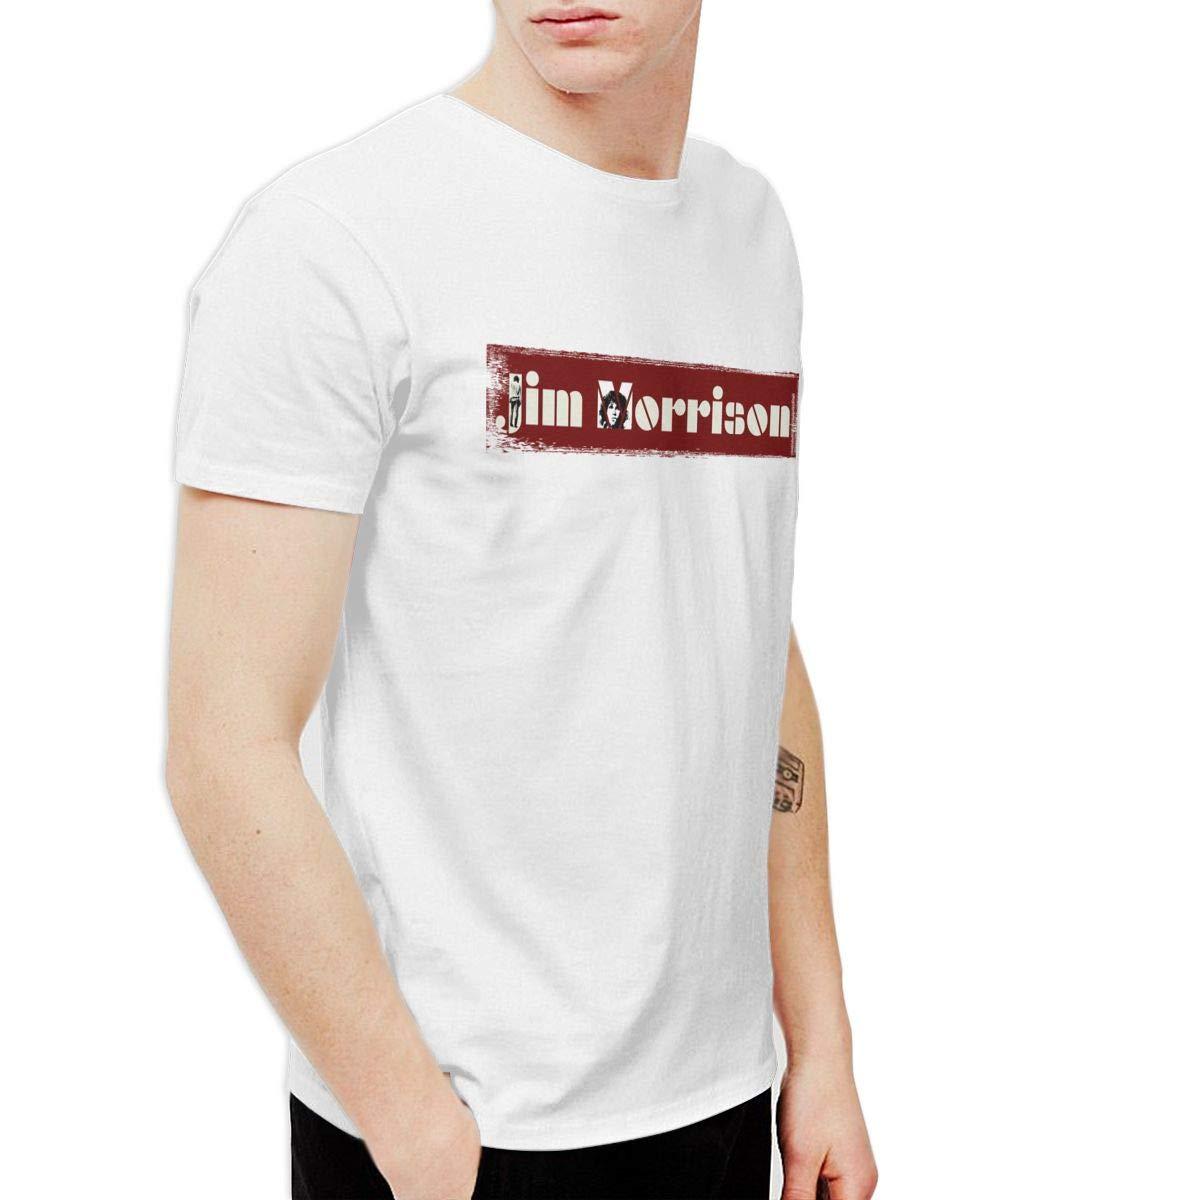 Joliannlove S Jim Morrison Humor Running Tshirt Short Sleeve